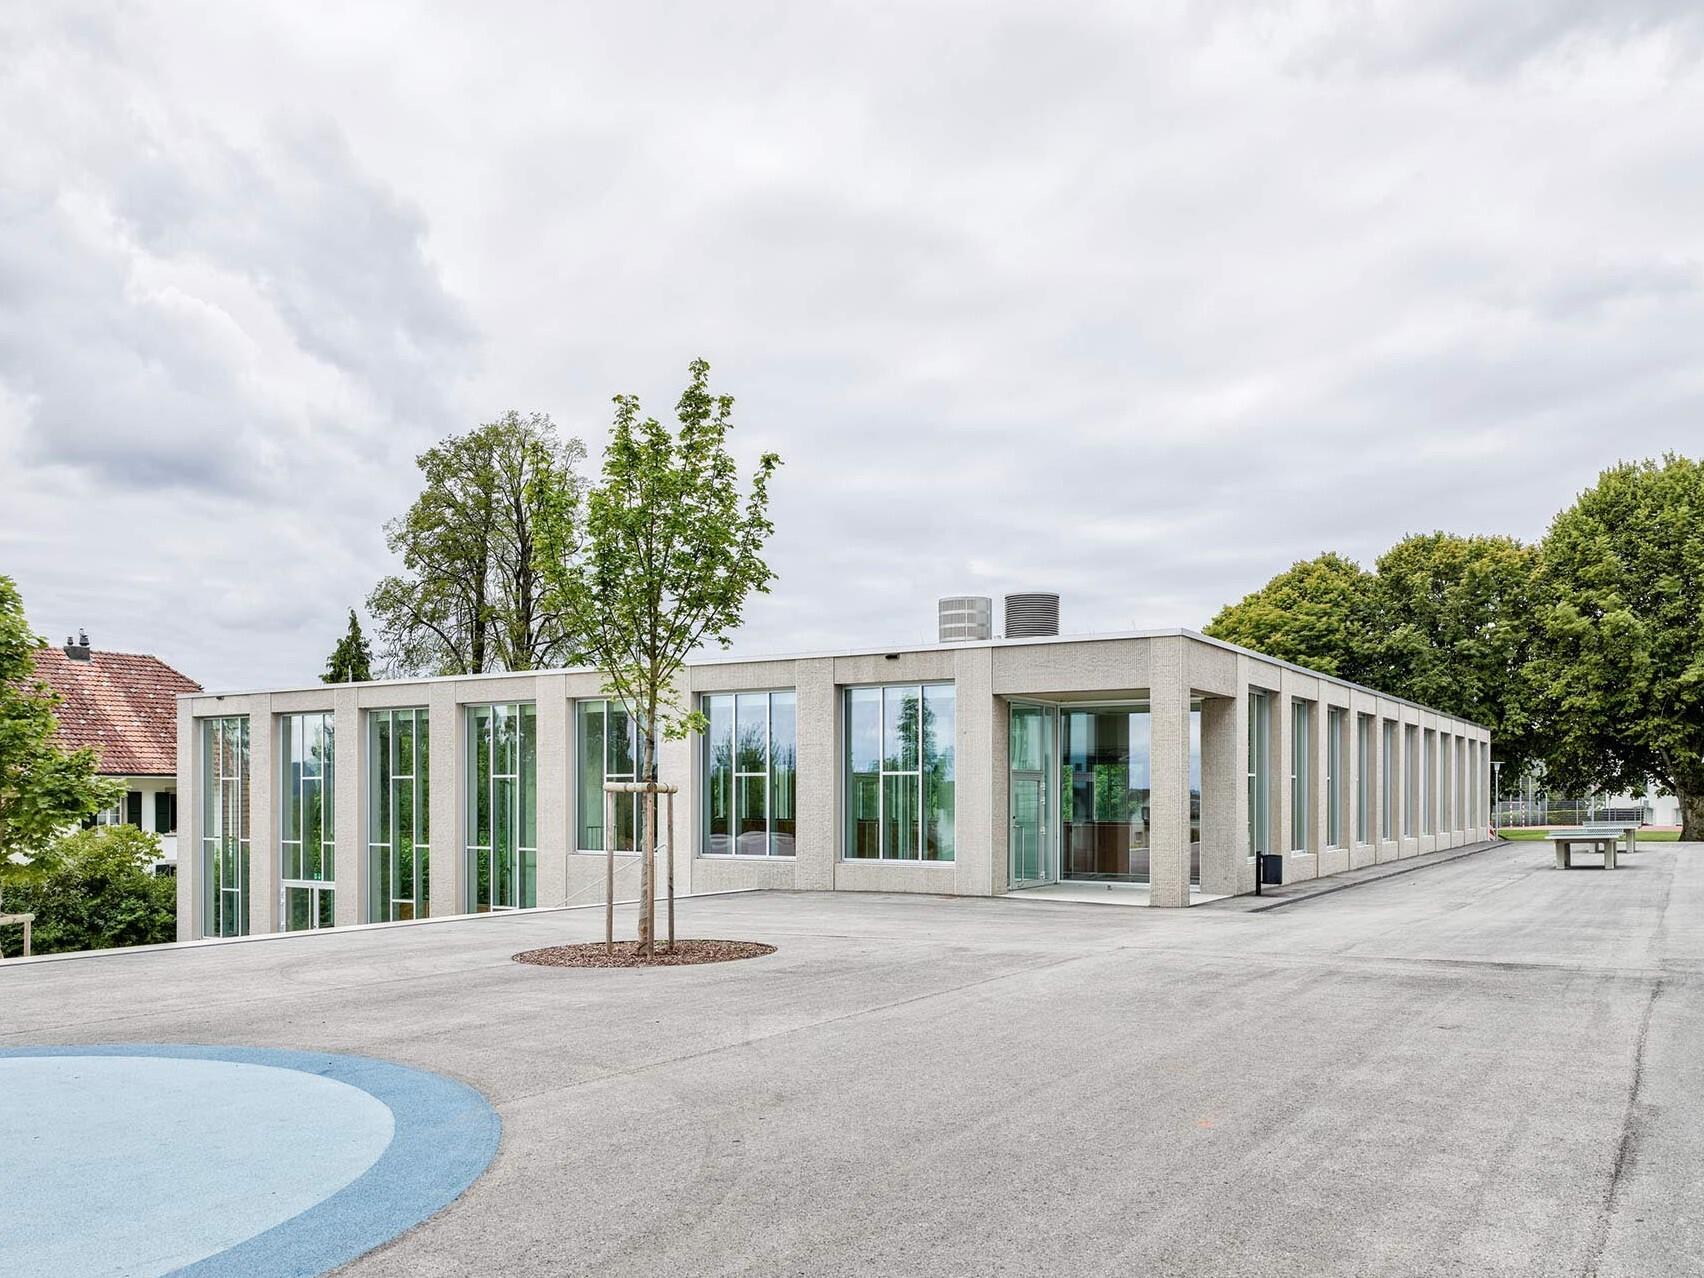 Referenzen - Sporthalle Selzach